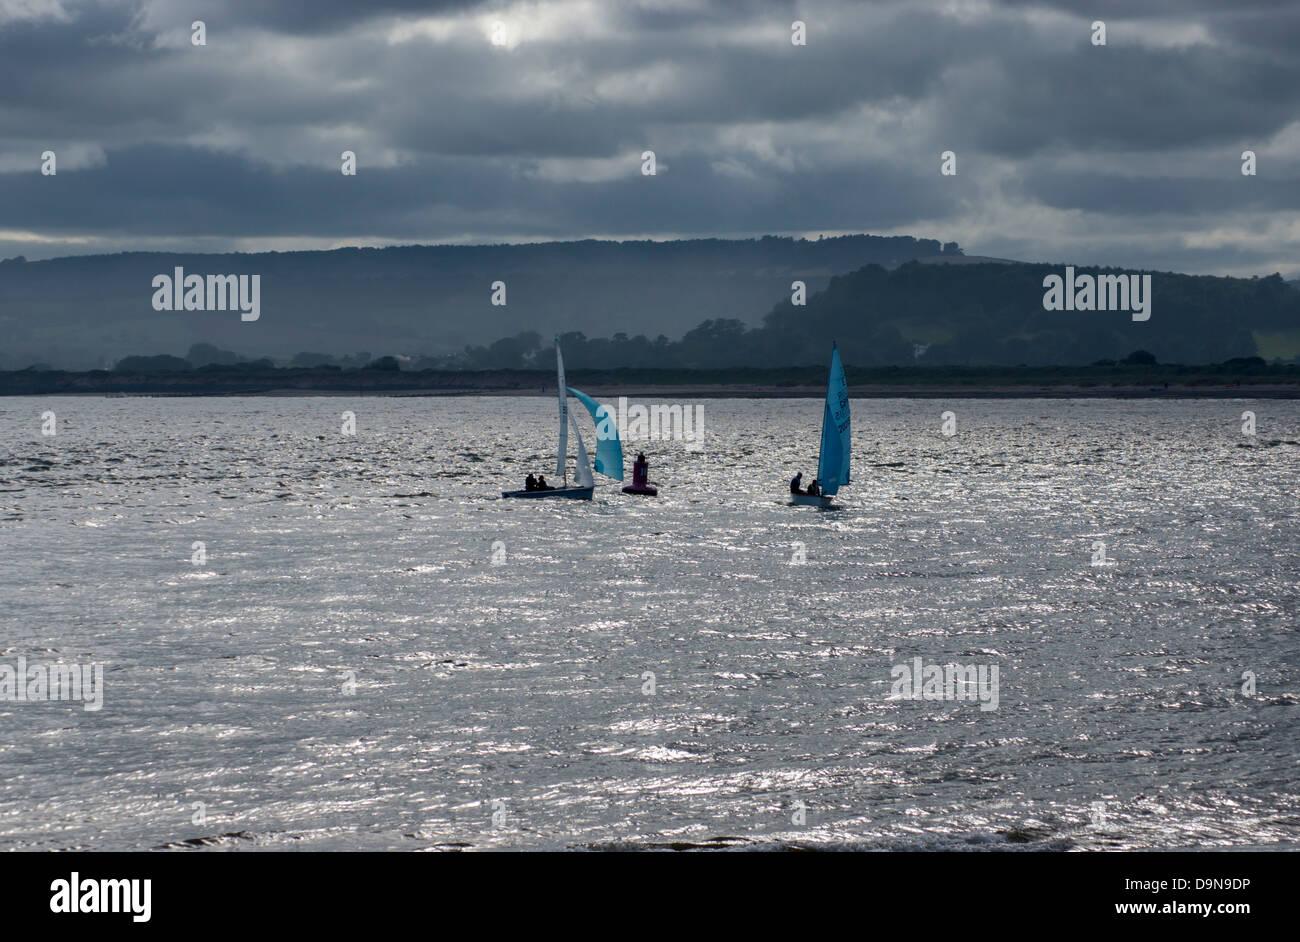 europe, uk, england, devon, Exe estuary sailing - Stock Image